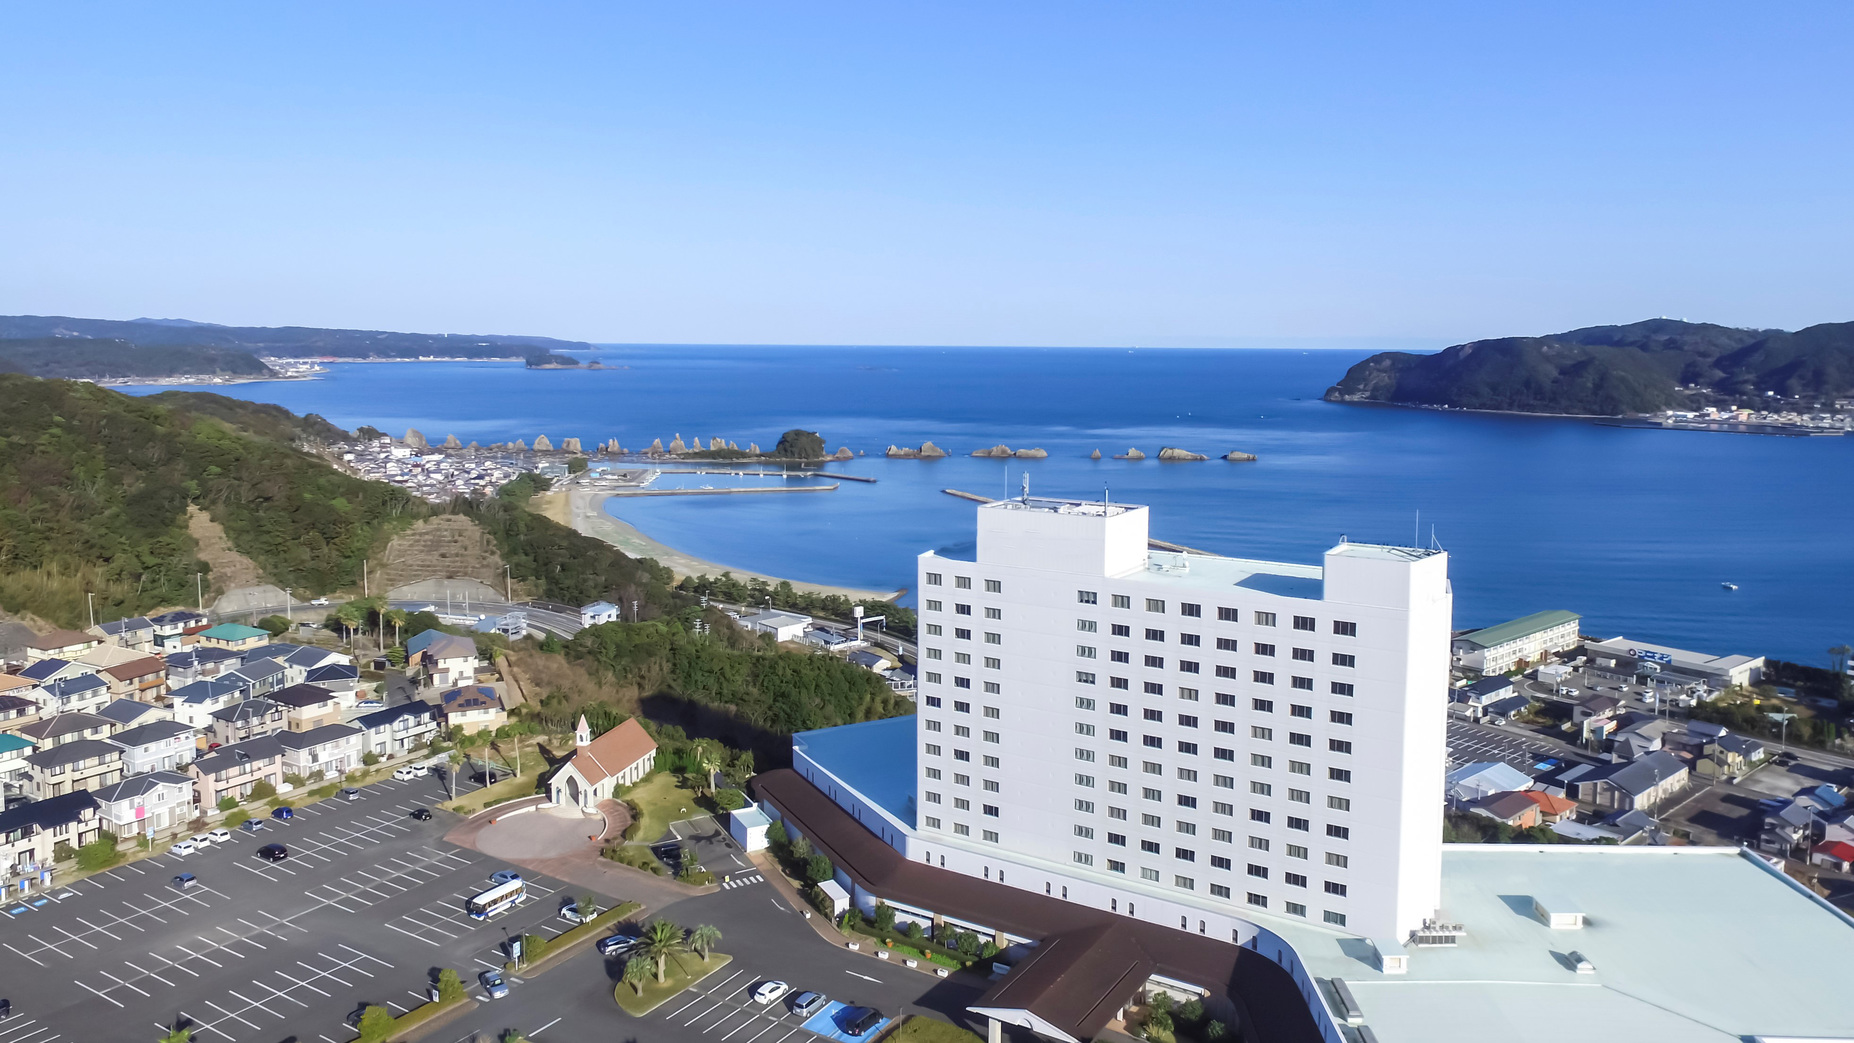 ホテル&リゾーツ 和歌山 串本(旧:串本ロイヤルホテル)...